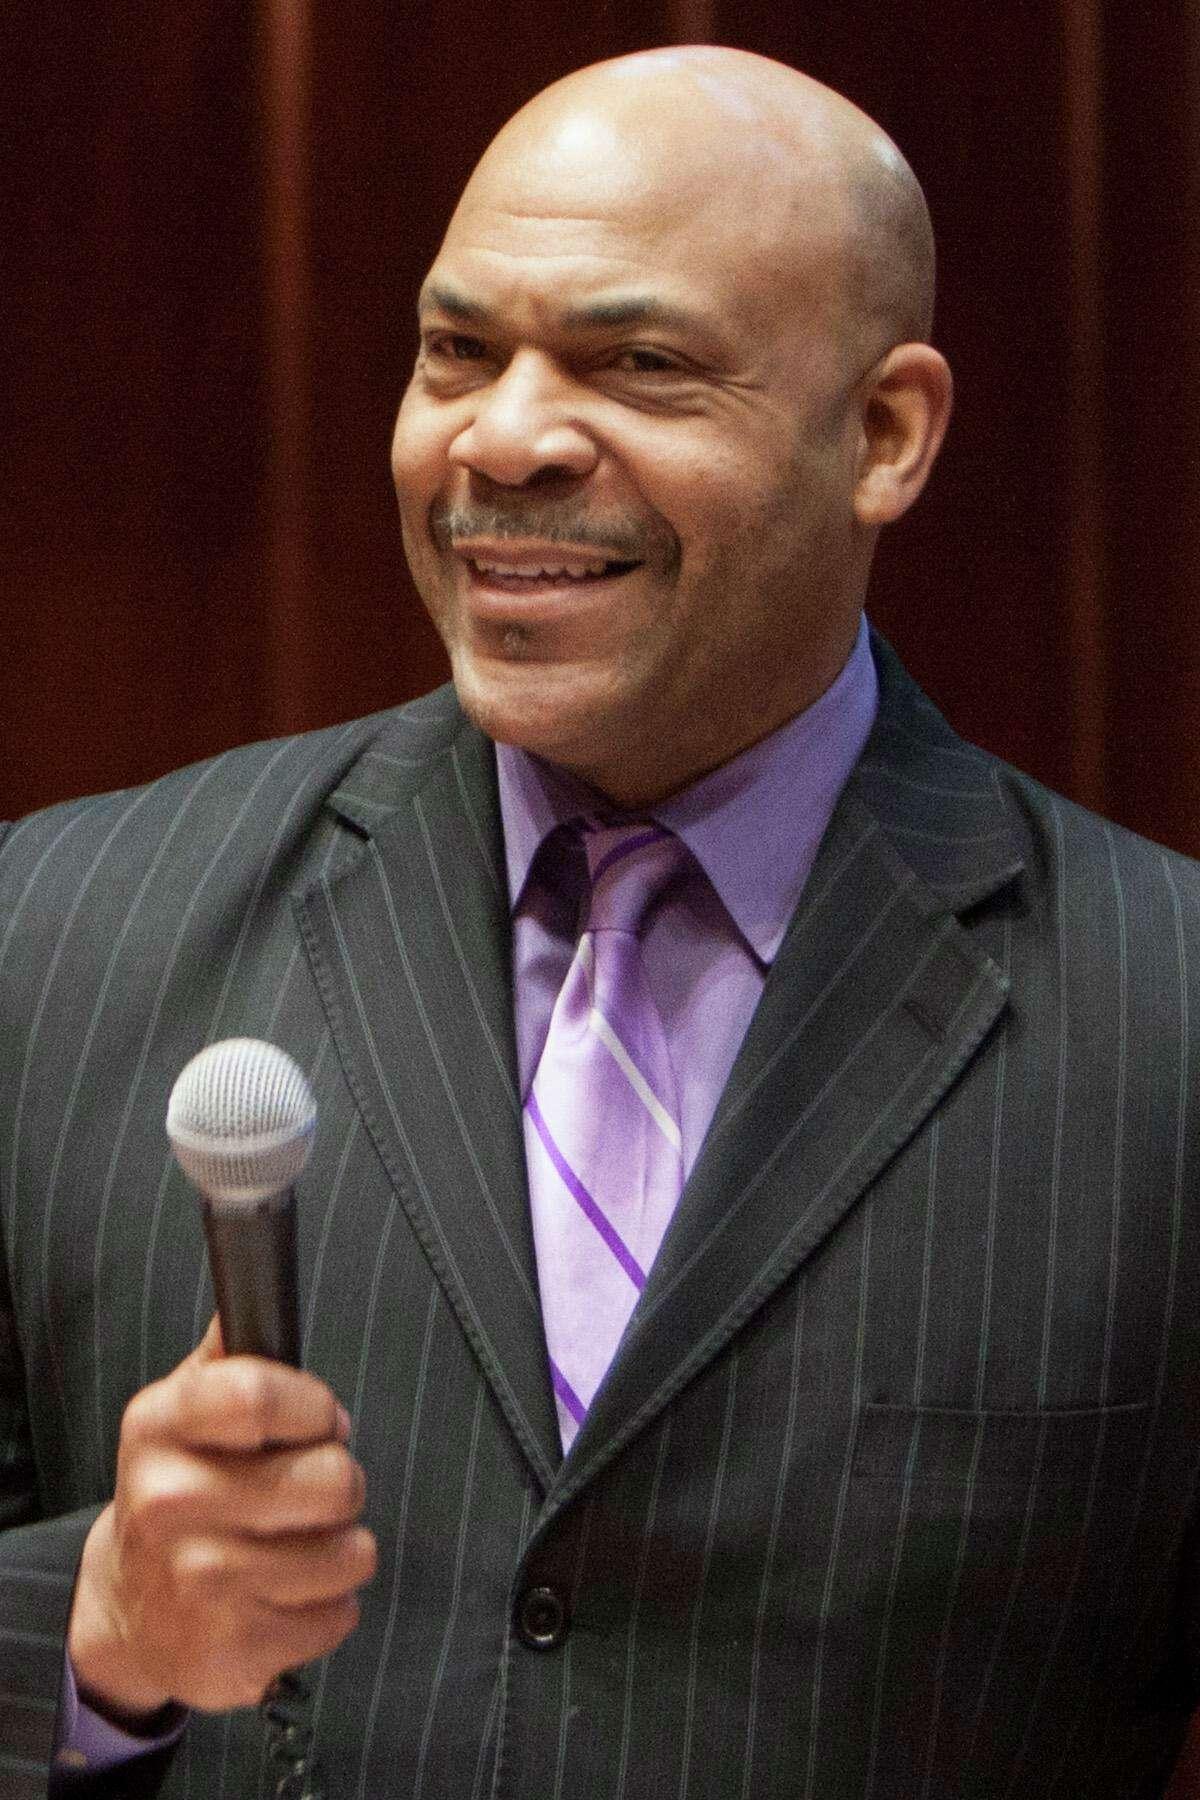 State Sen. Douglas McCrory, D-Hartford